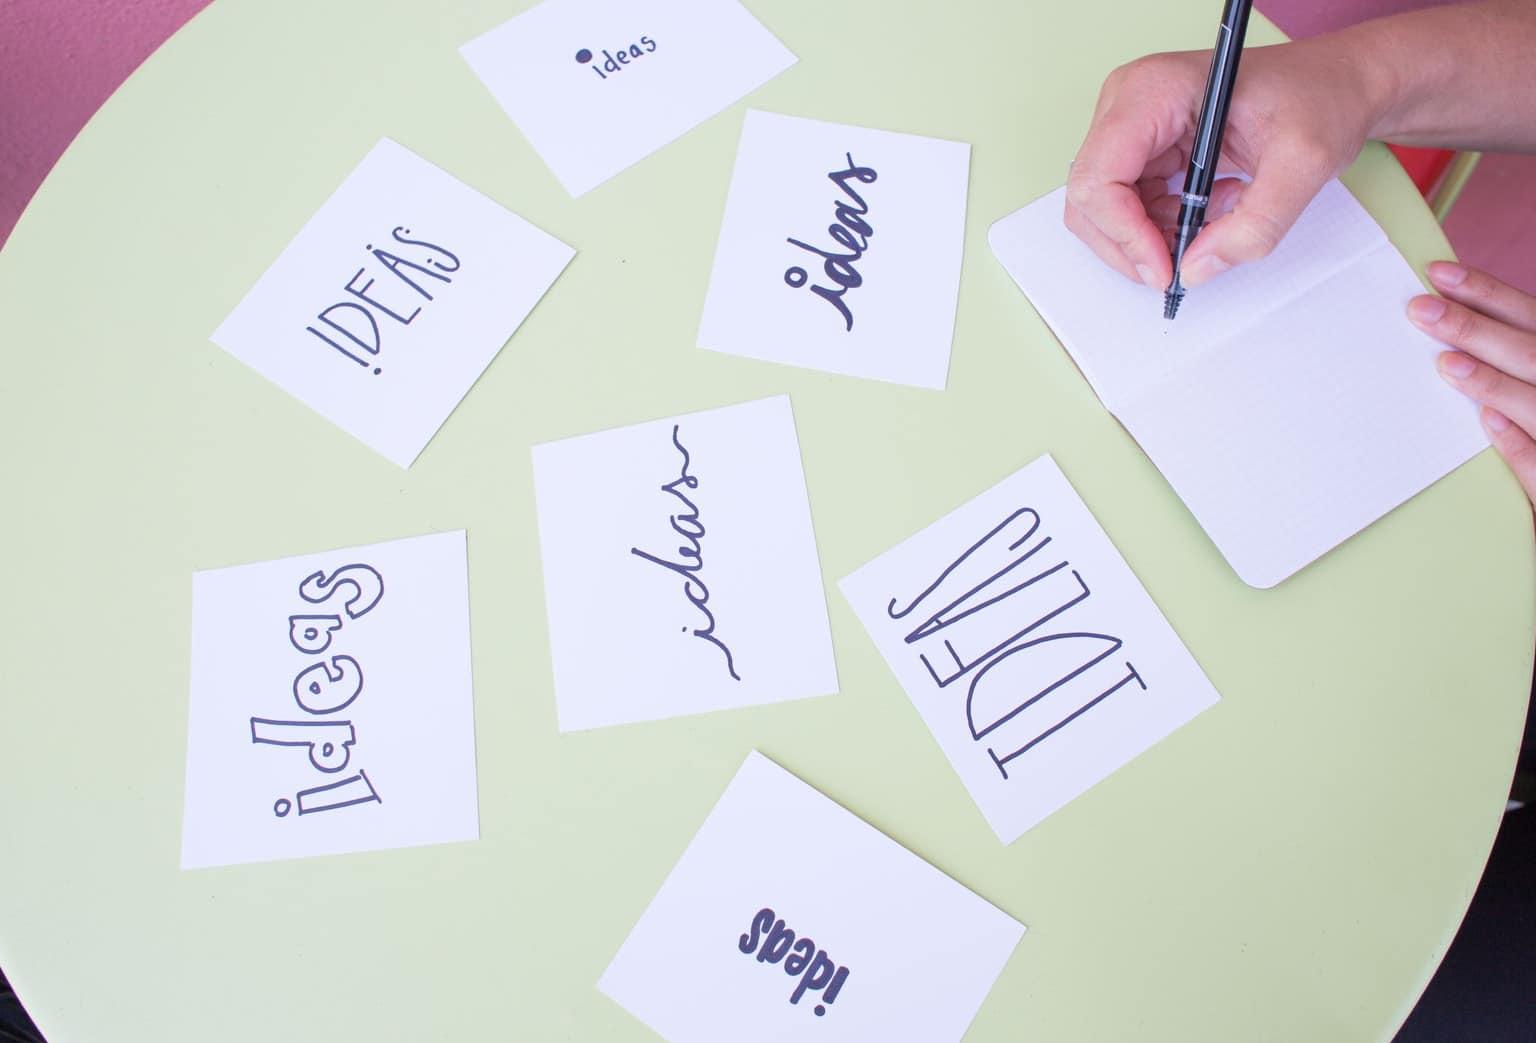 Idée business entreprise innovante : pourquoi, comment, 6 pistes à creuser.